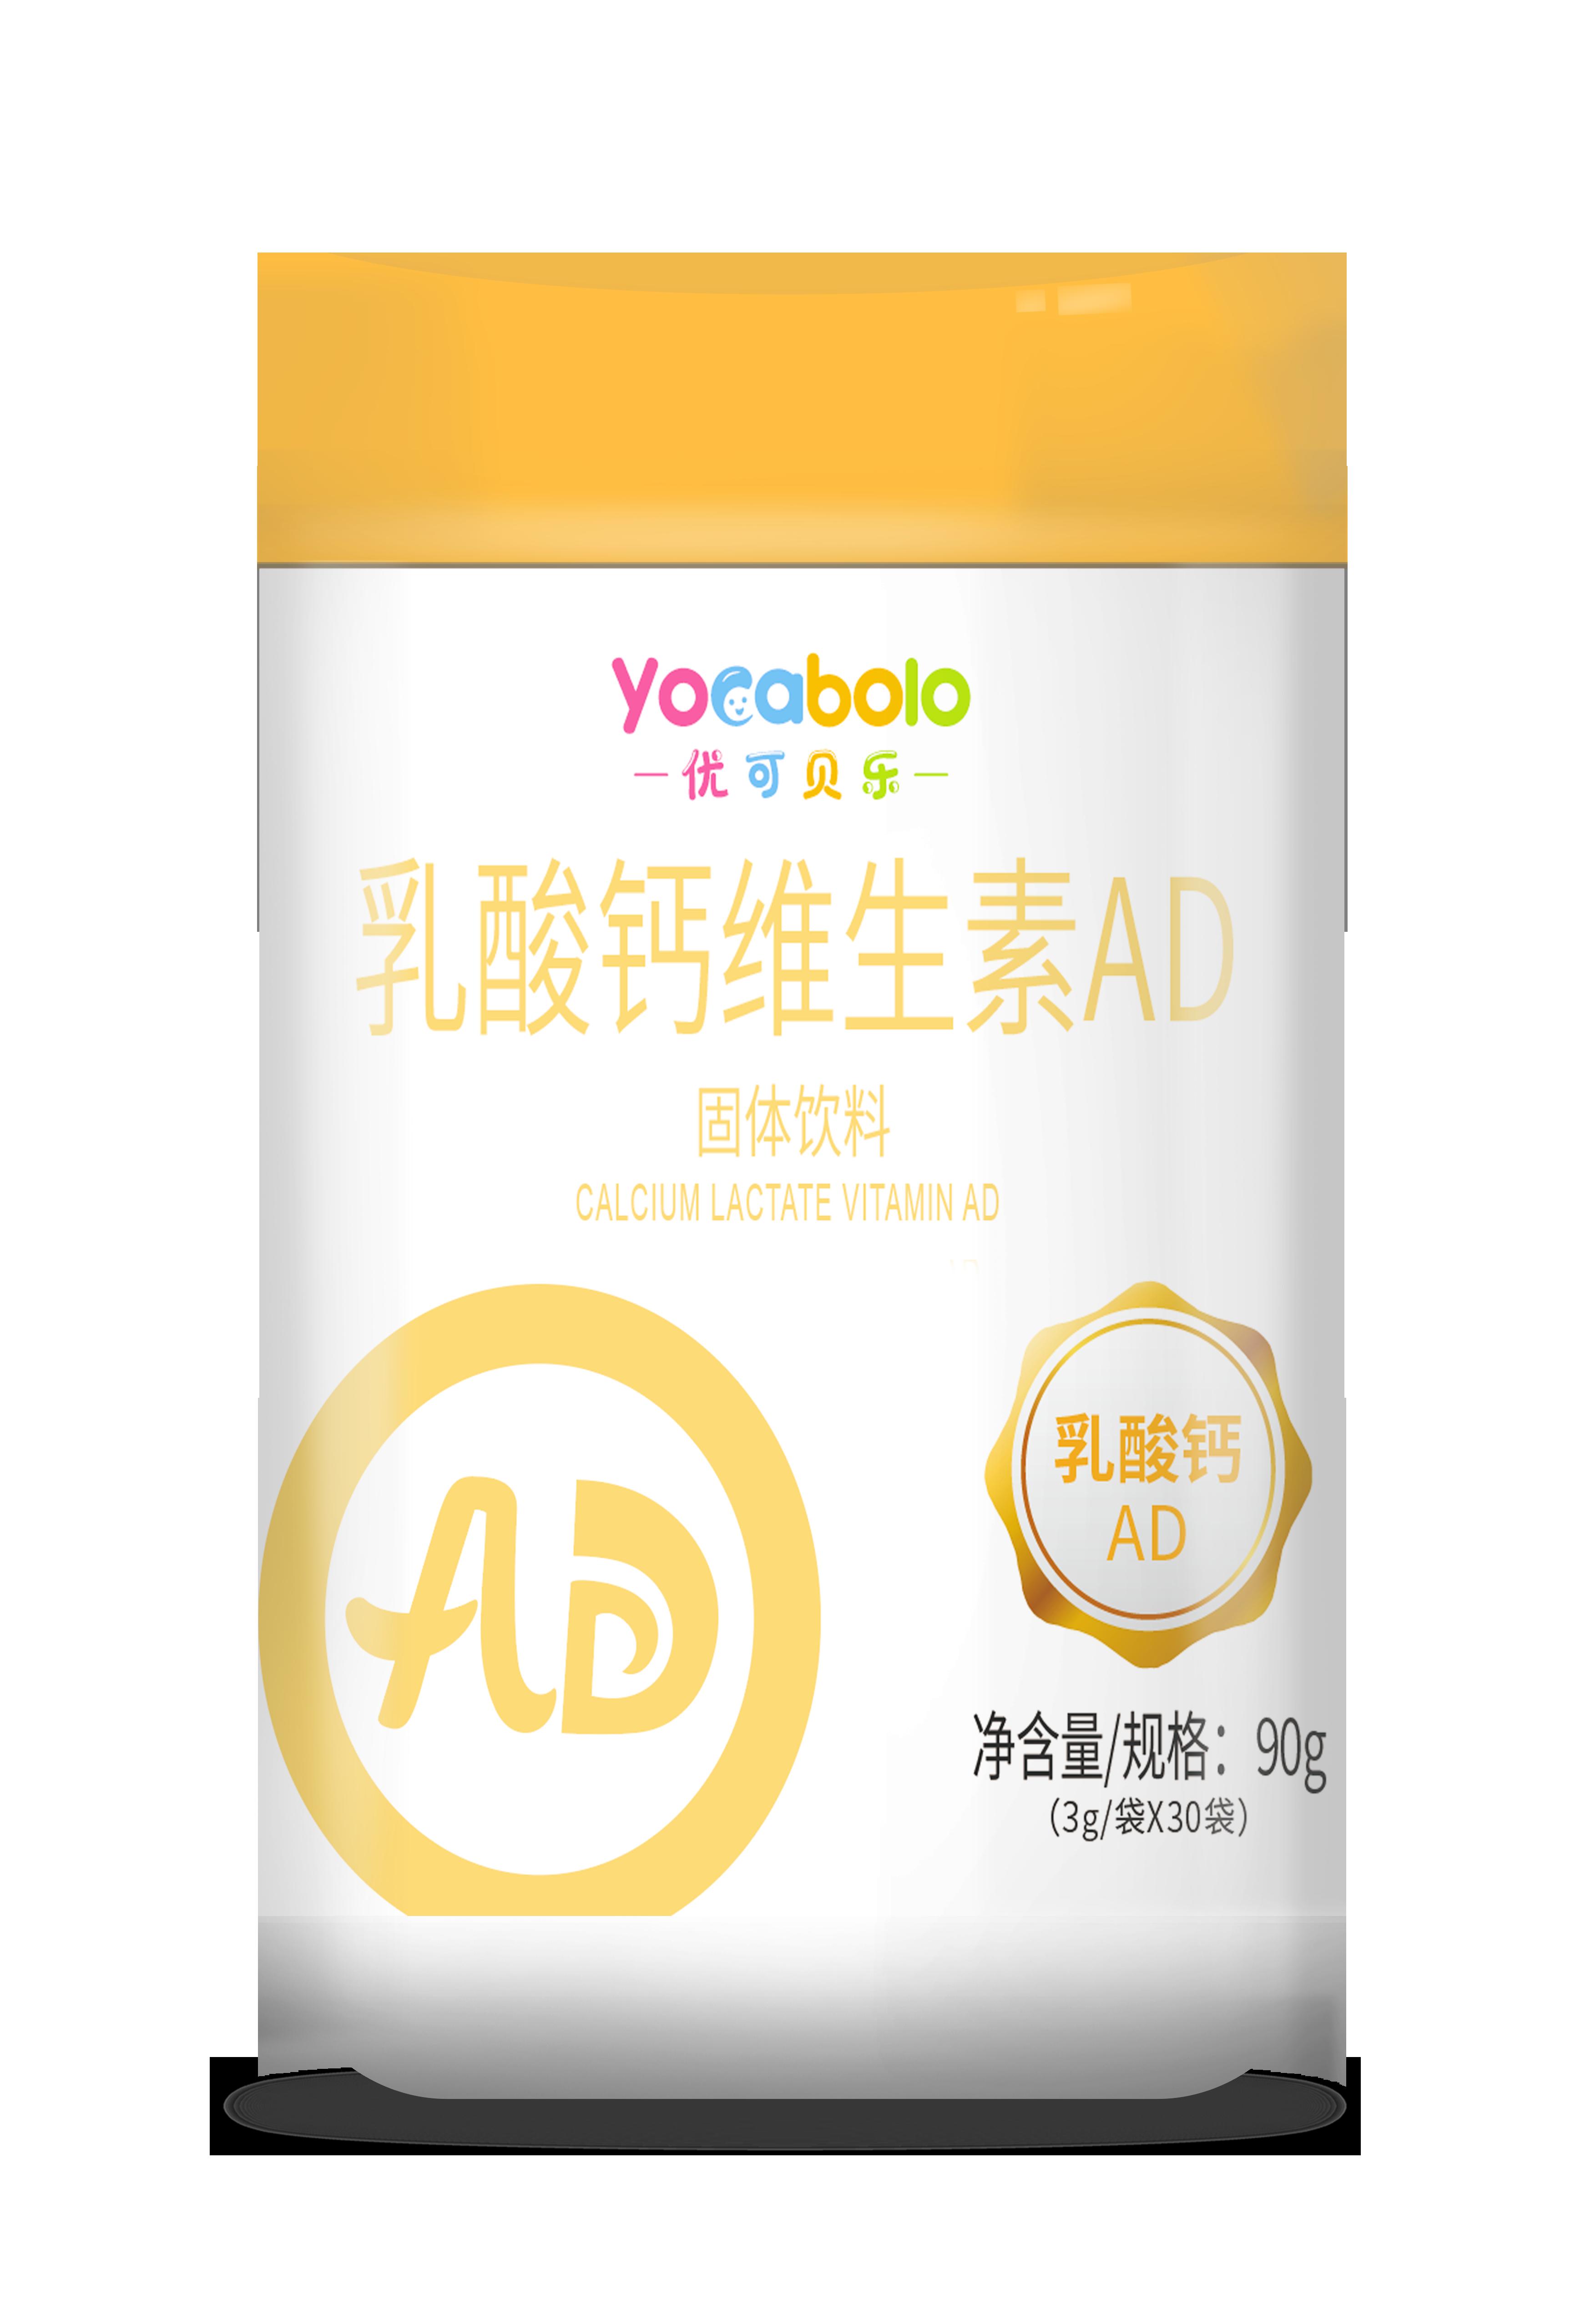 乳酸钙维生素AD固体饮料.png